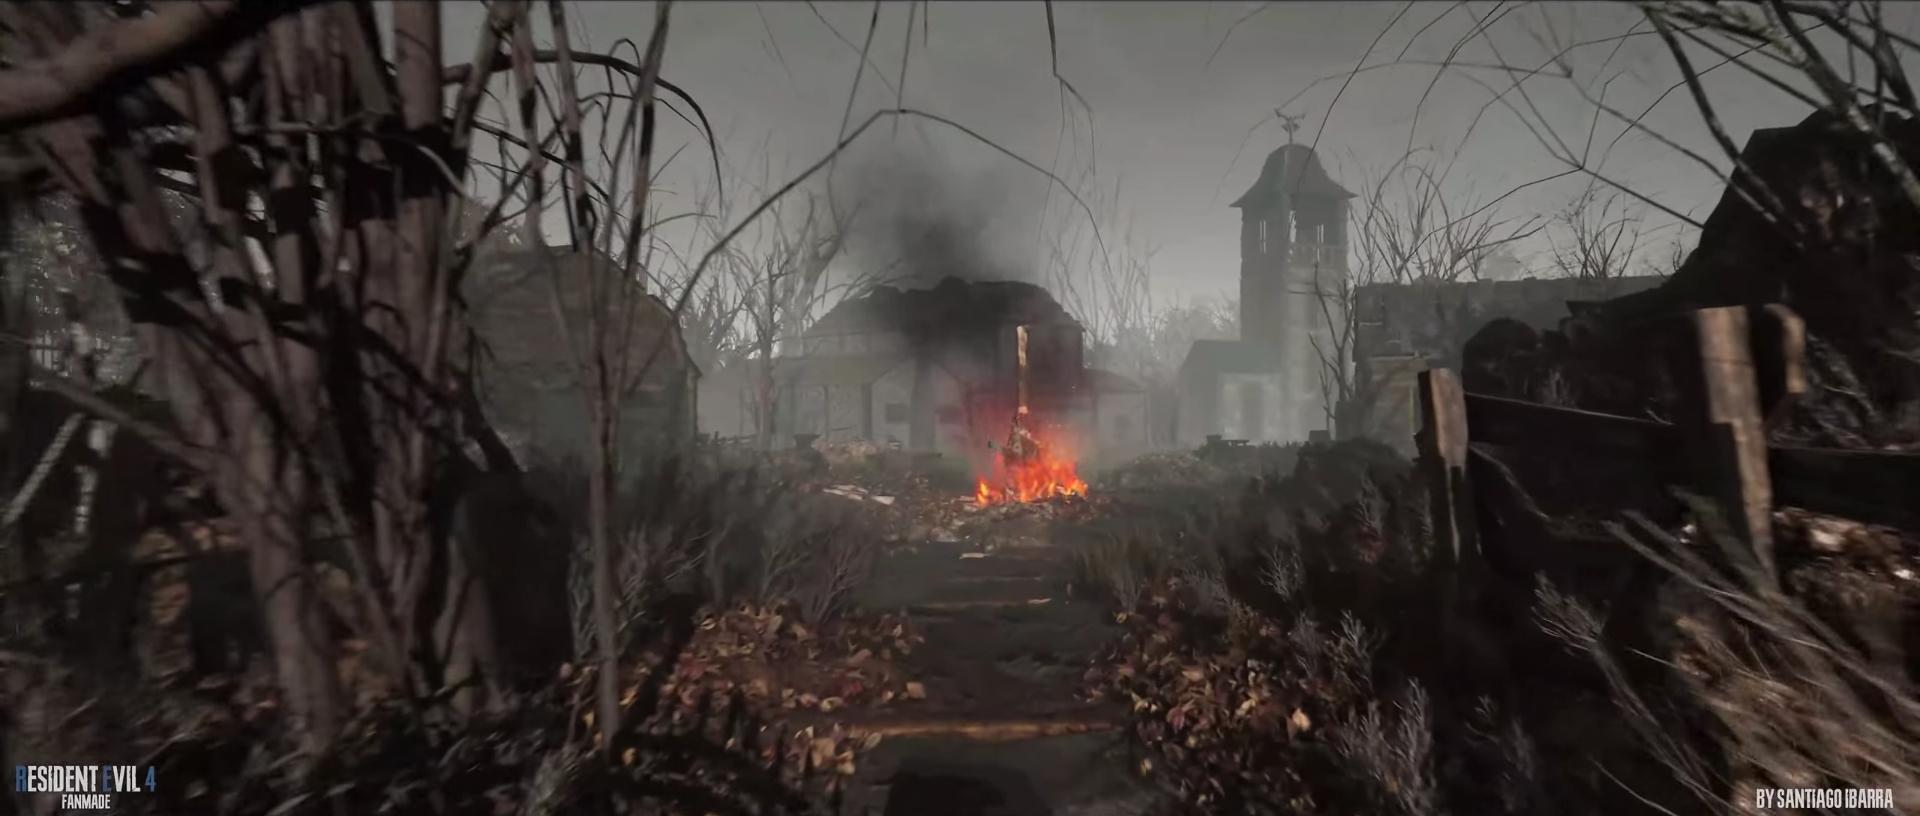 «Выглядит замечательно»: 3D-художник воссоздал деревню и другие локации из Resident Evil 4 на Unreal Engine 4